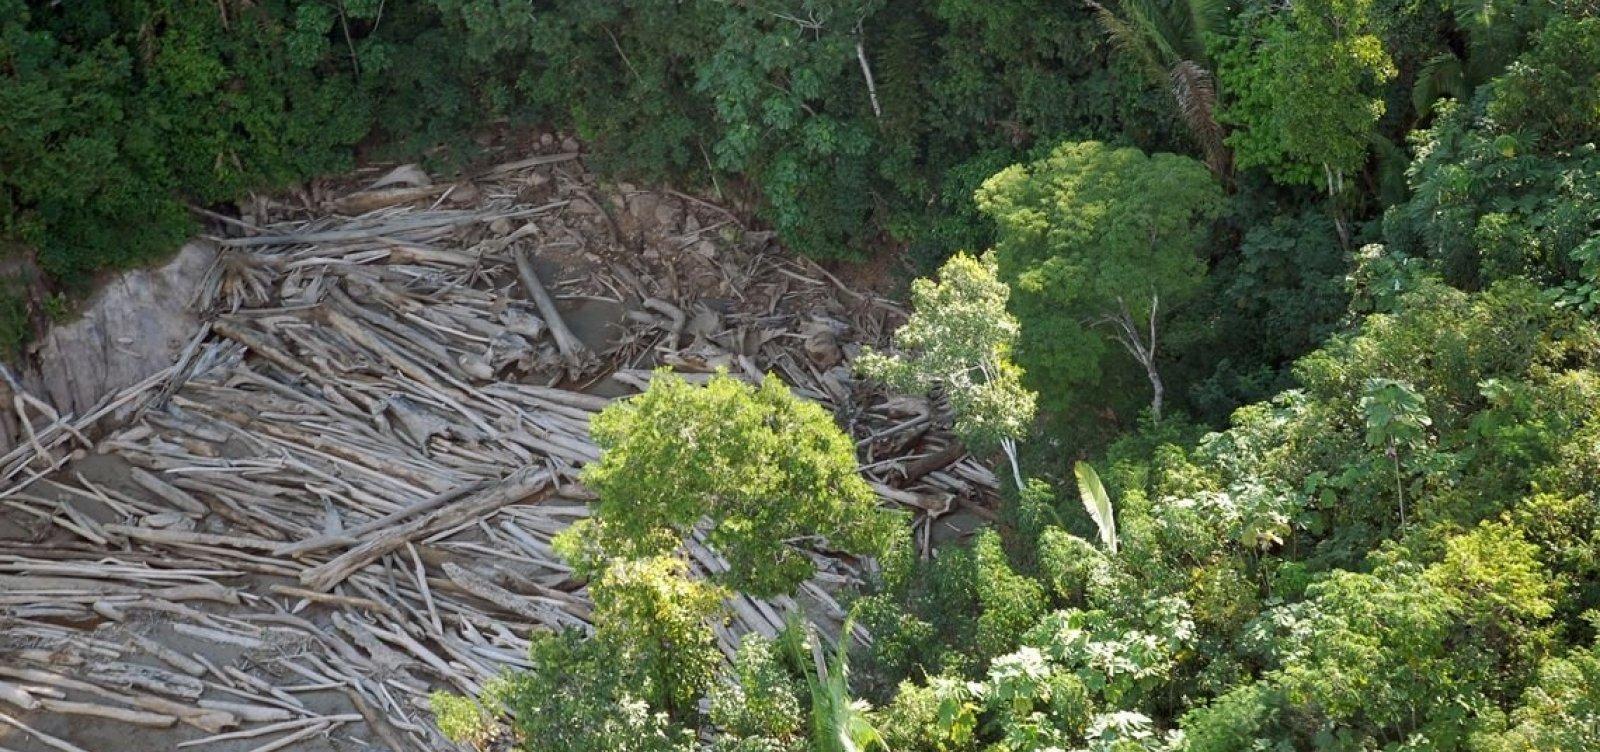 [Emissões de gases do efeito estufa no Brasil caem em 2017]